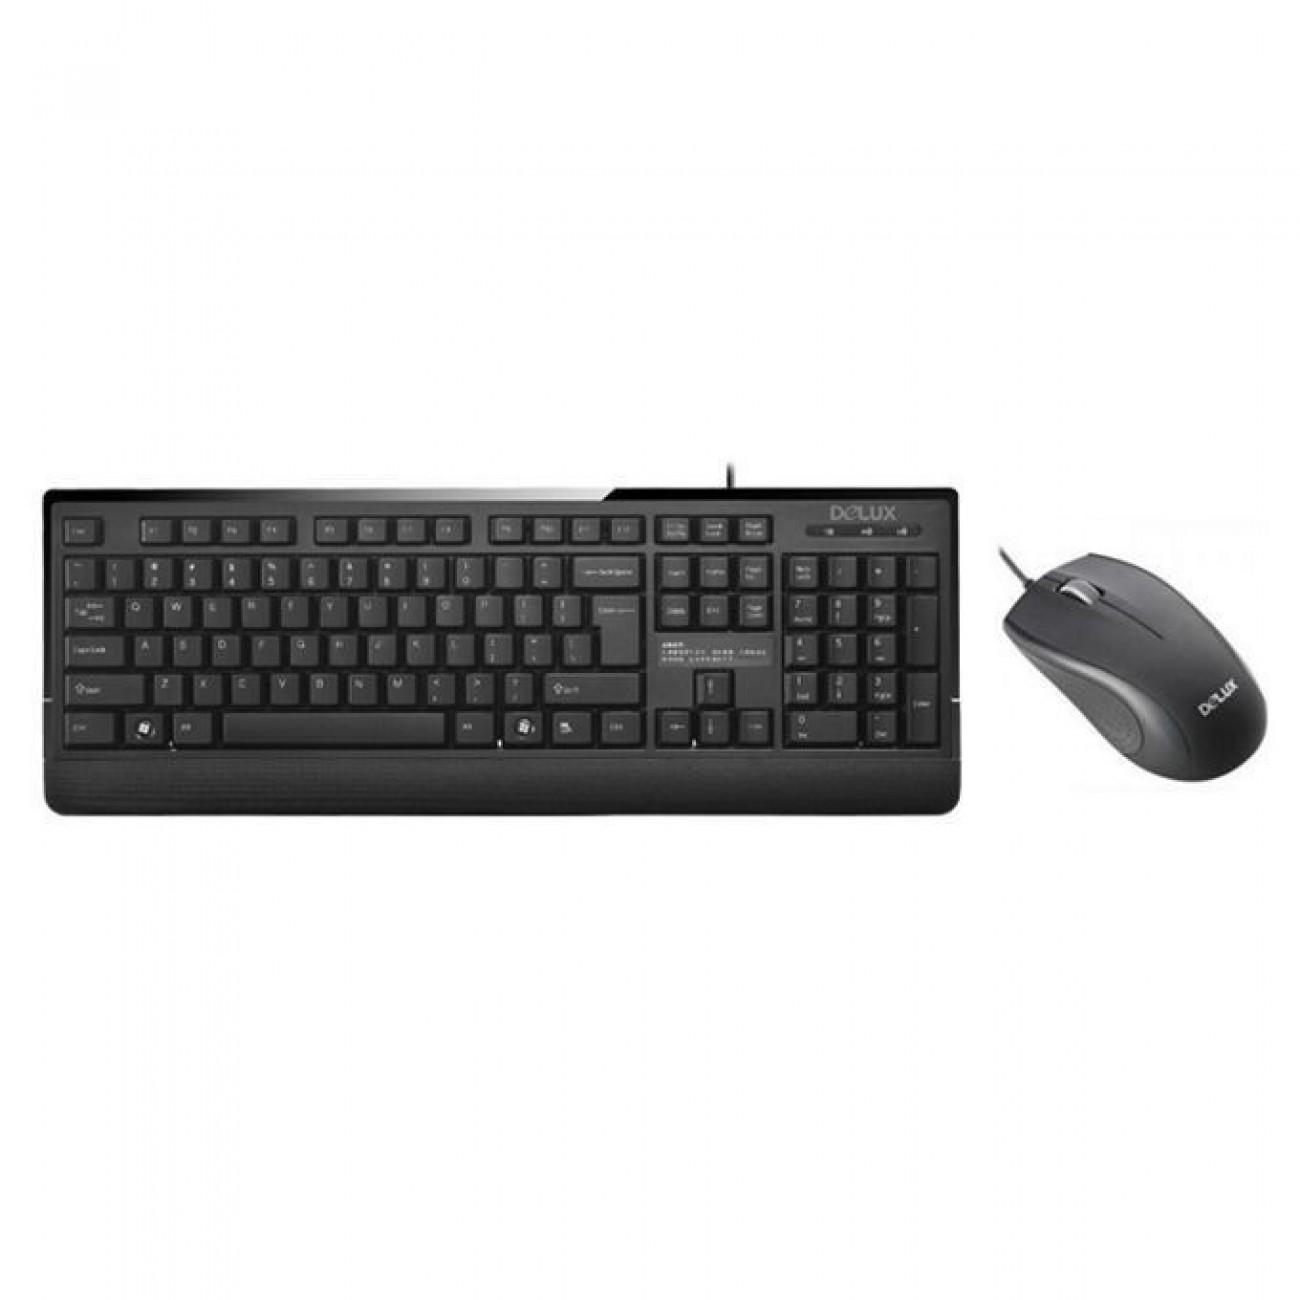 Комплект клавиатура и мишка Delux DLK-6300U/DLM-138, оптична (1000 dpi), USB, черни в Комплекти мишки и клавиатури - Delux | Alleop